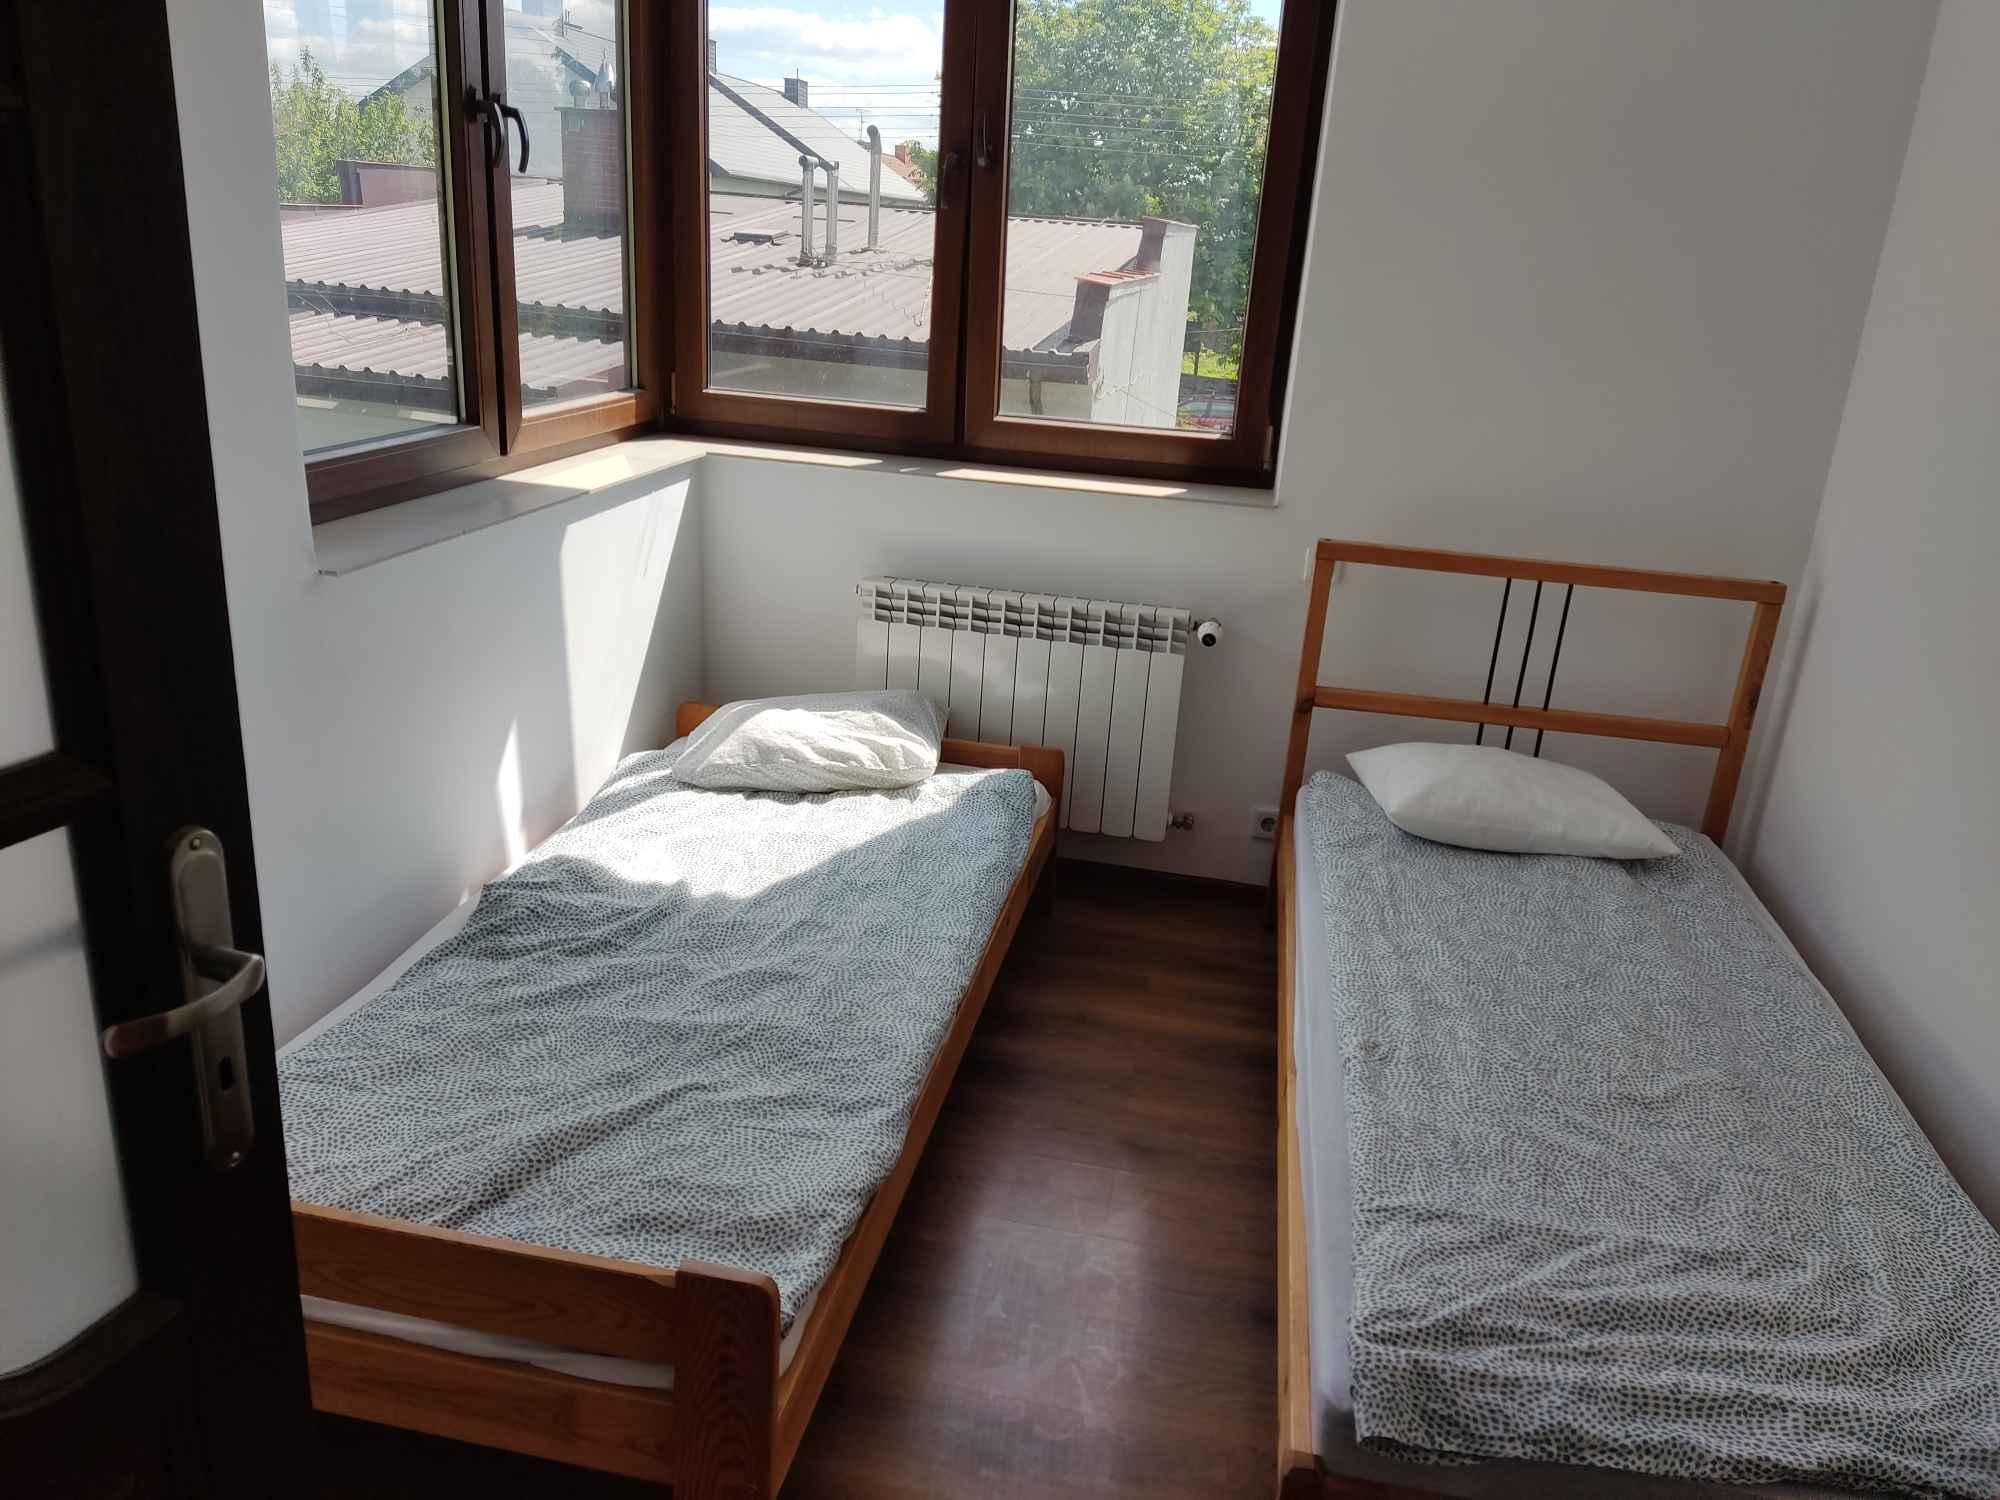 Kwatery pracownicze, noclegi, mieszkania Warka - zdjęcie 3